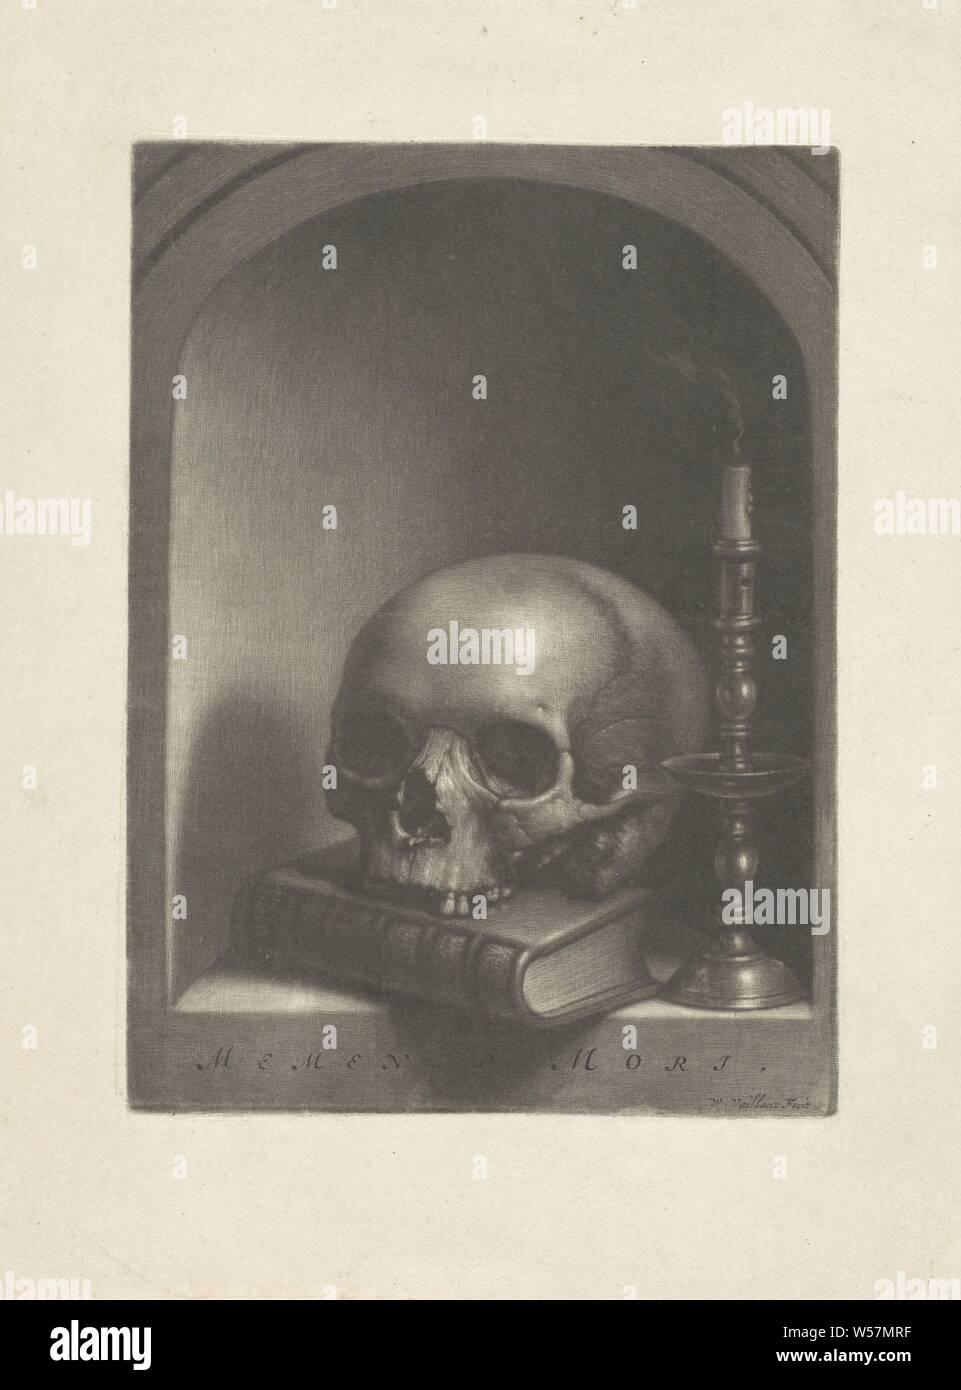 Vanitas bodegón en un nicho Memento Mori (título de objeto), todavía la vida en un nicho con una calavera en un libro y una vela de fumar un candelero., Wallerant Vaillant (mencionado en la película), 1658 - 1677, el papel, la h 224 mm × 163 mm w Foto de stock